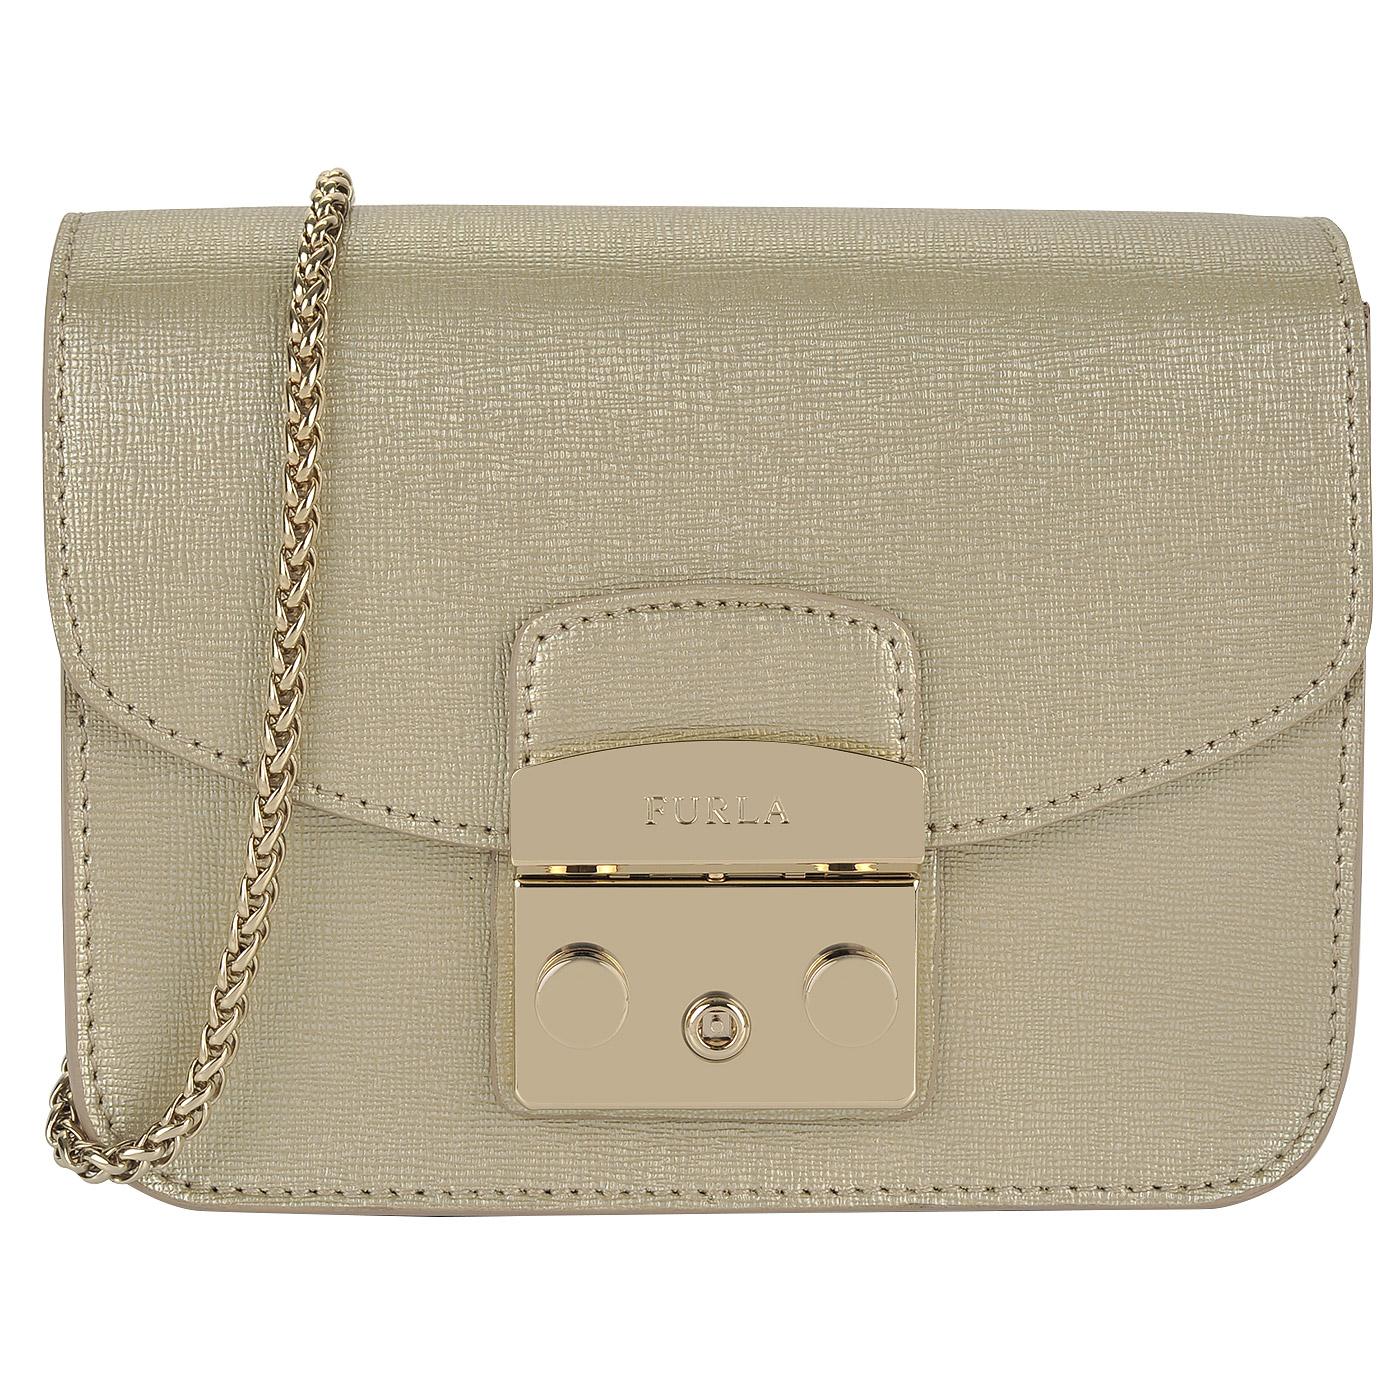 43943e958bae Женская кожаная сумочка на цепочке через плечо Furla Metropolis ...